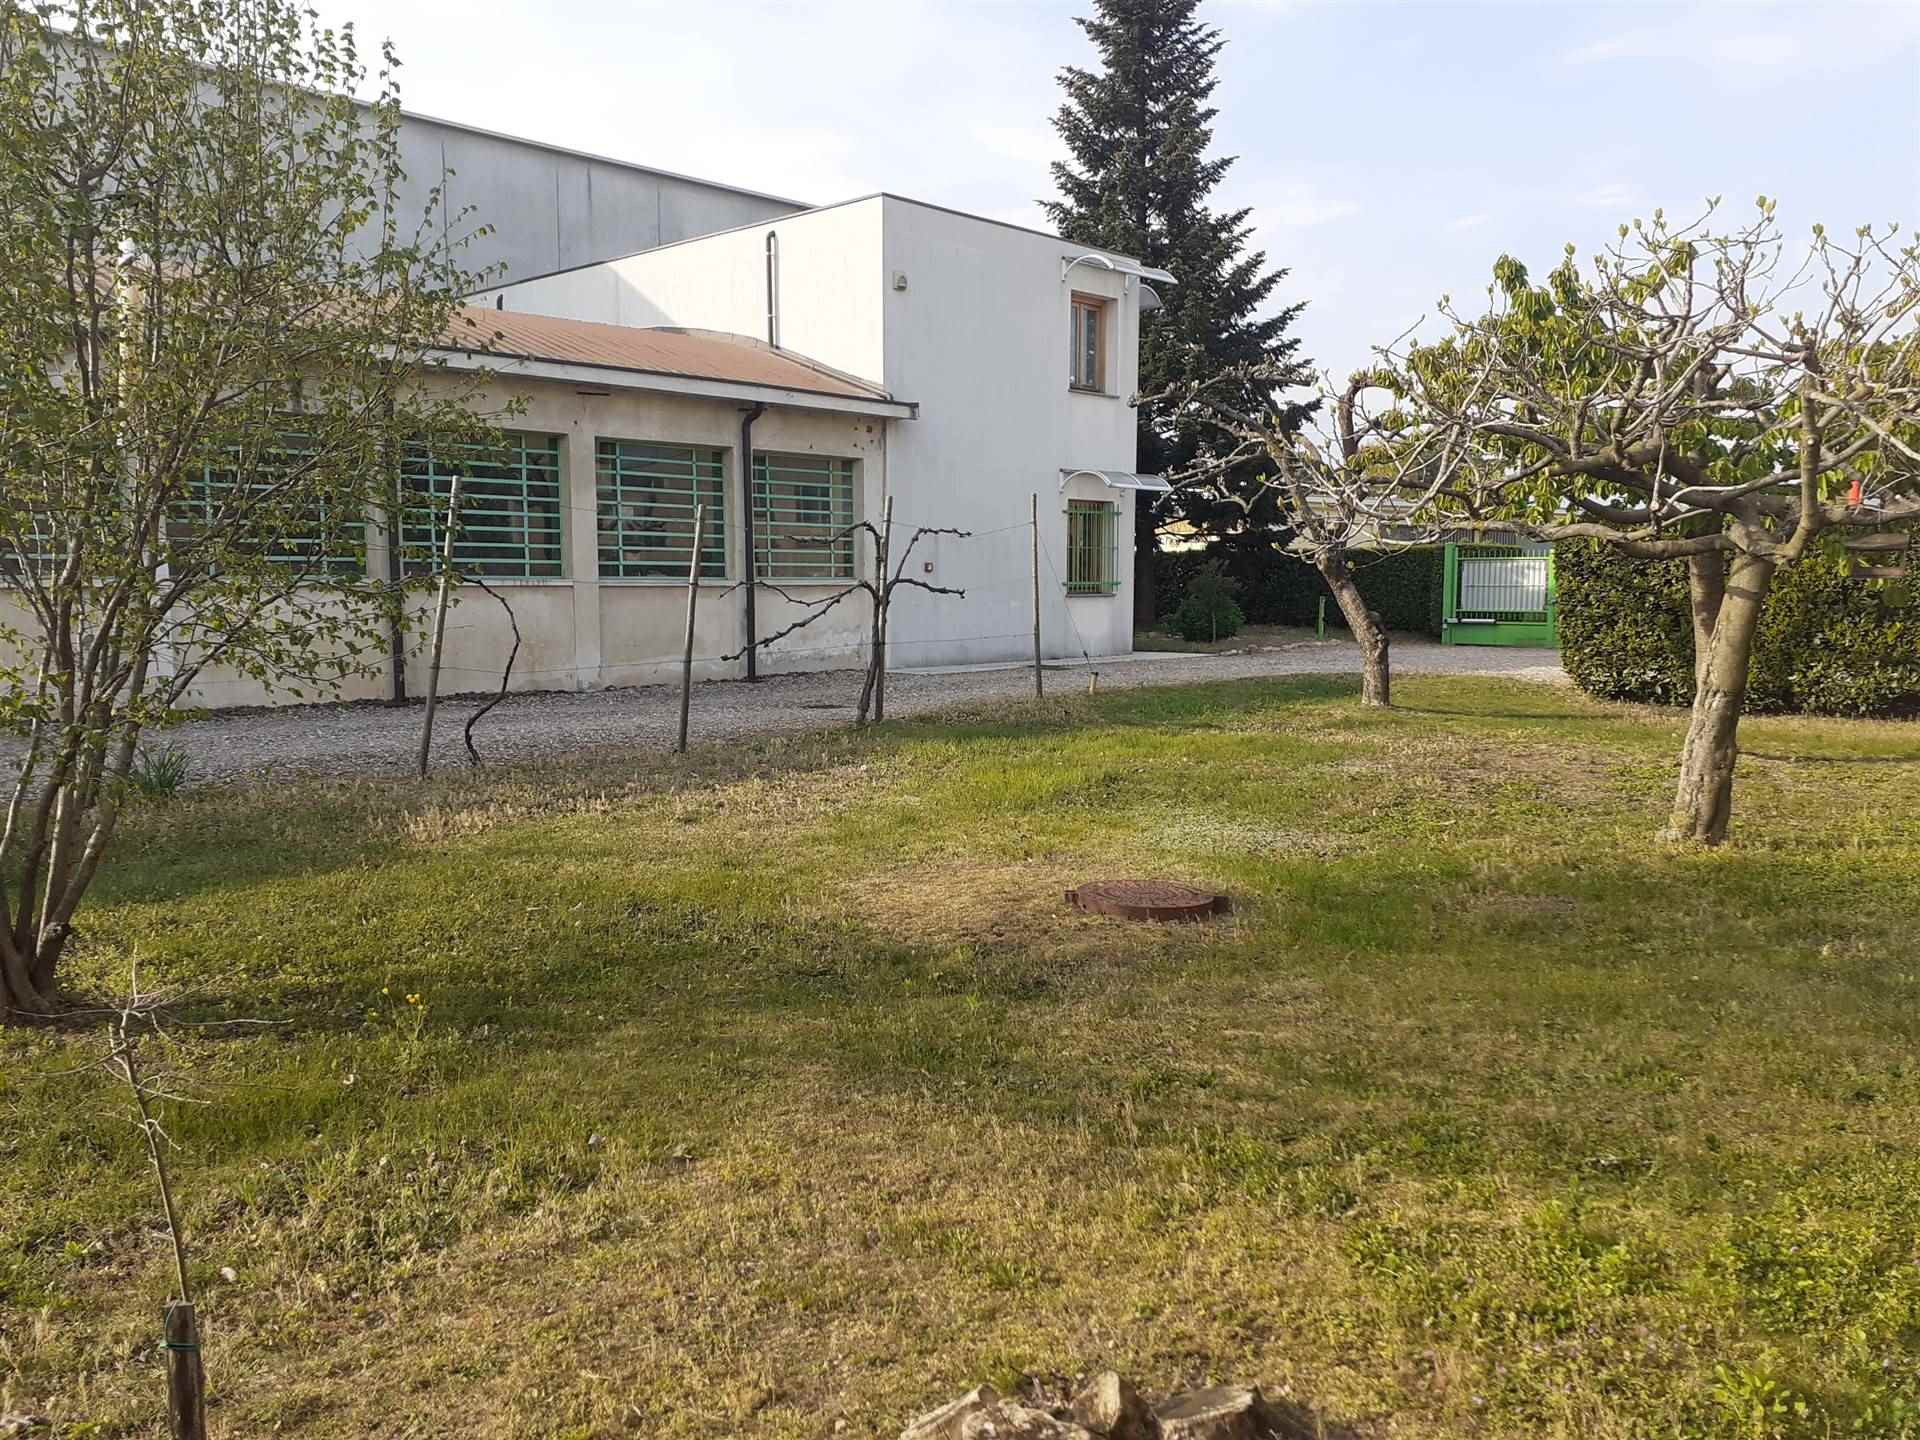 Laboratorio in vendita a Gallarate, 9999 locali, zona rè, prezzo € 330.000   PortaleAgenzieImmobiliari.it